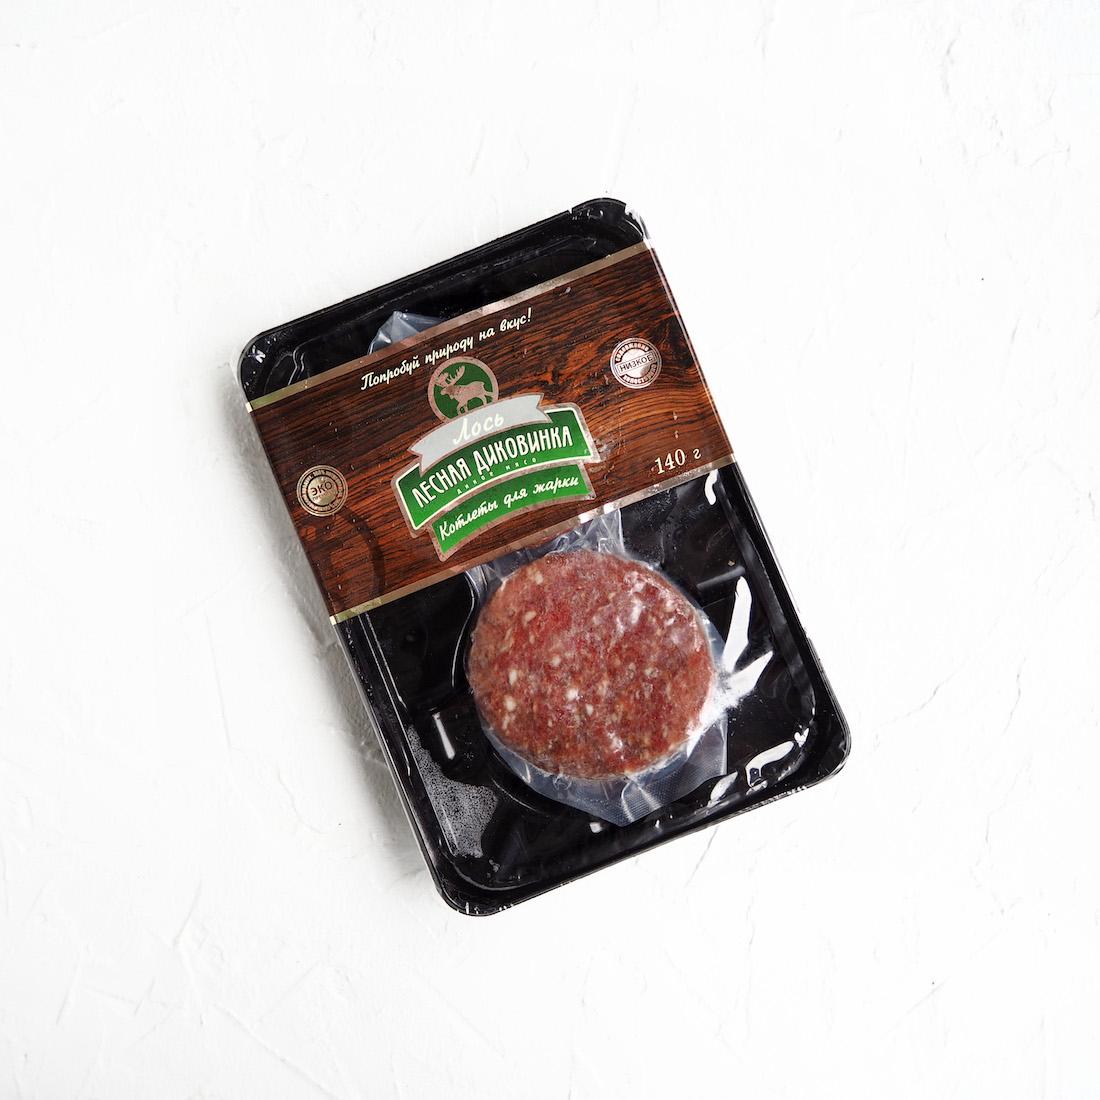 Замороженные котлеты из мяса лося (2 шт., 140 г)